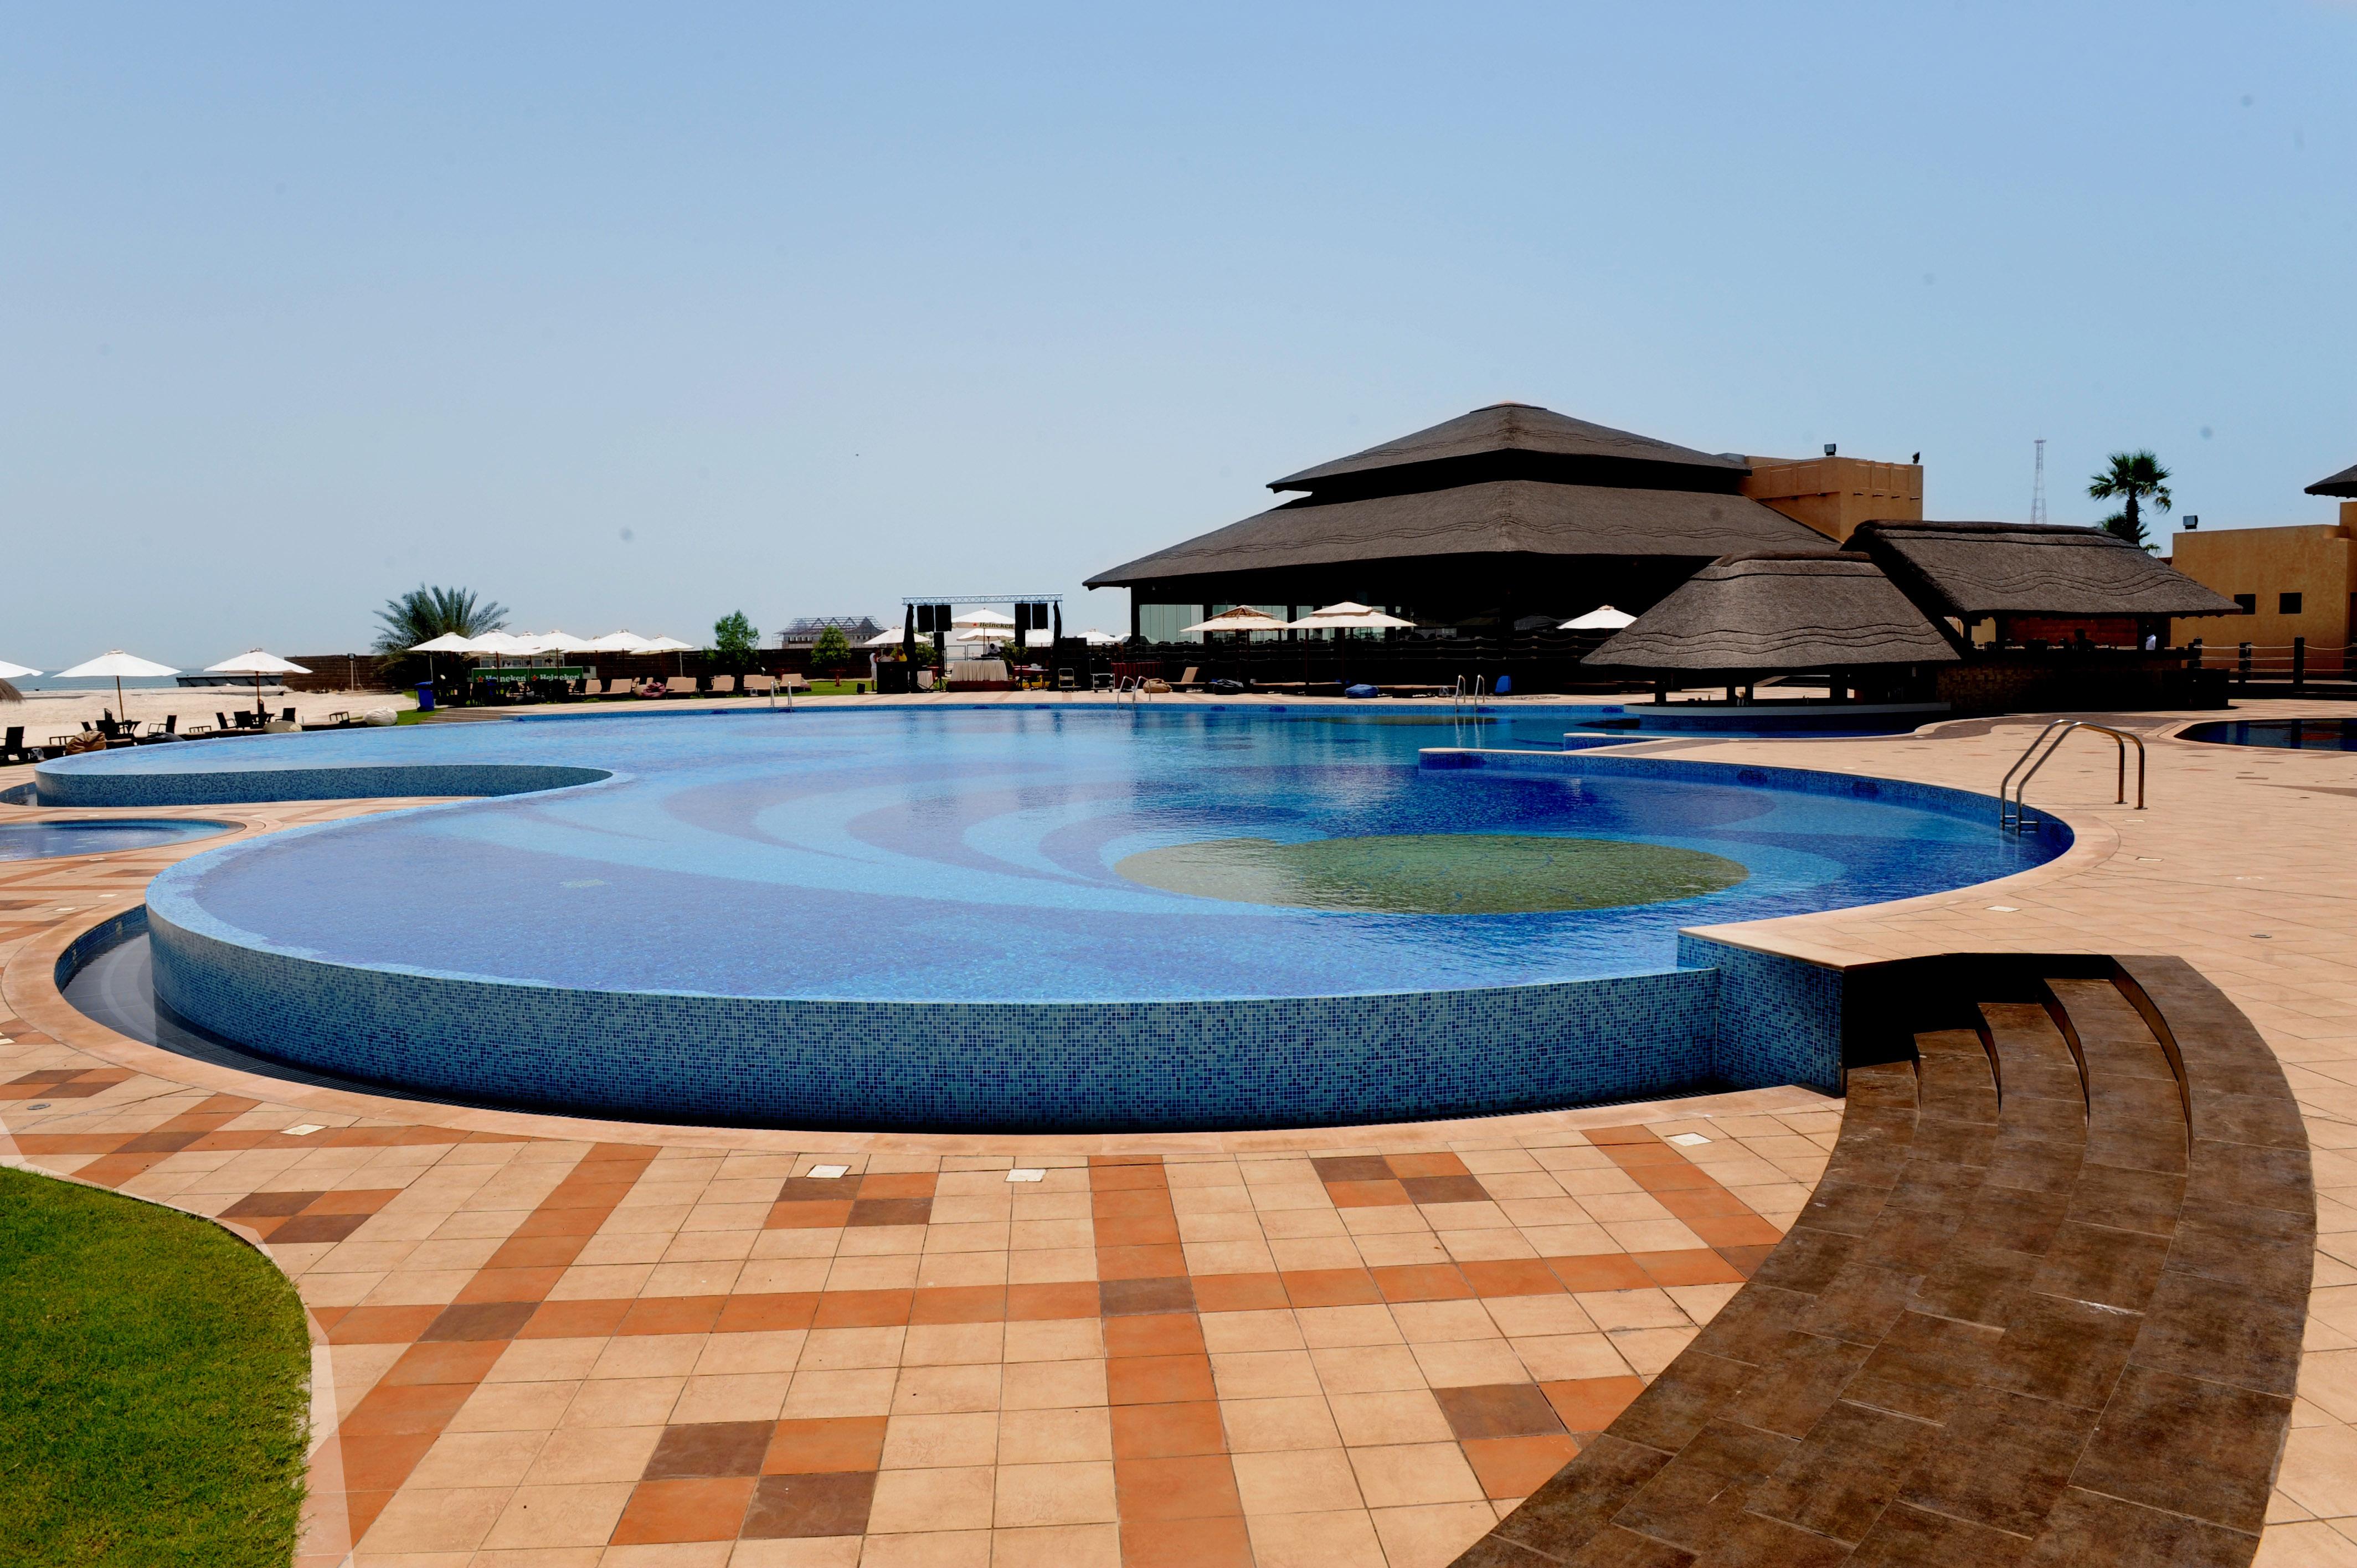 Черные лежаки, синий бассейн бесплатно